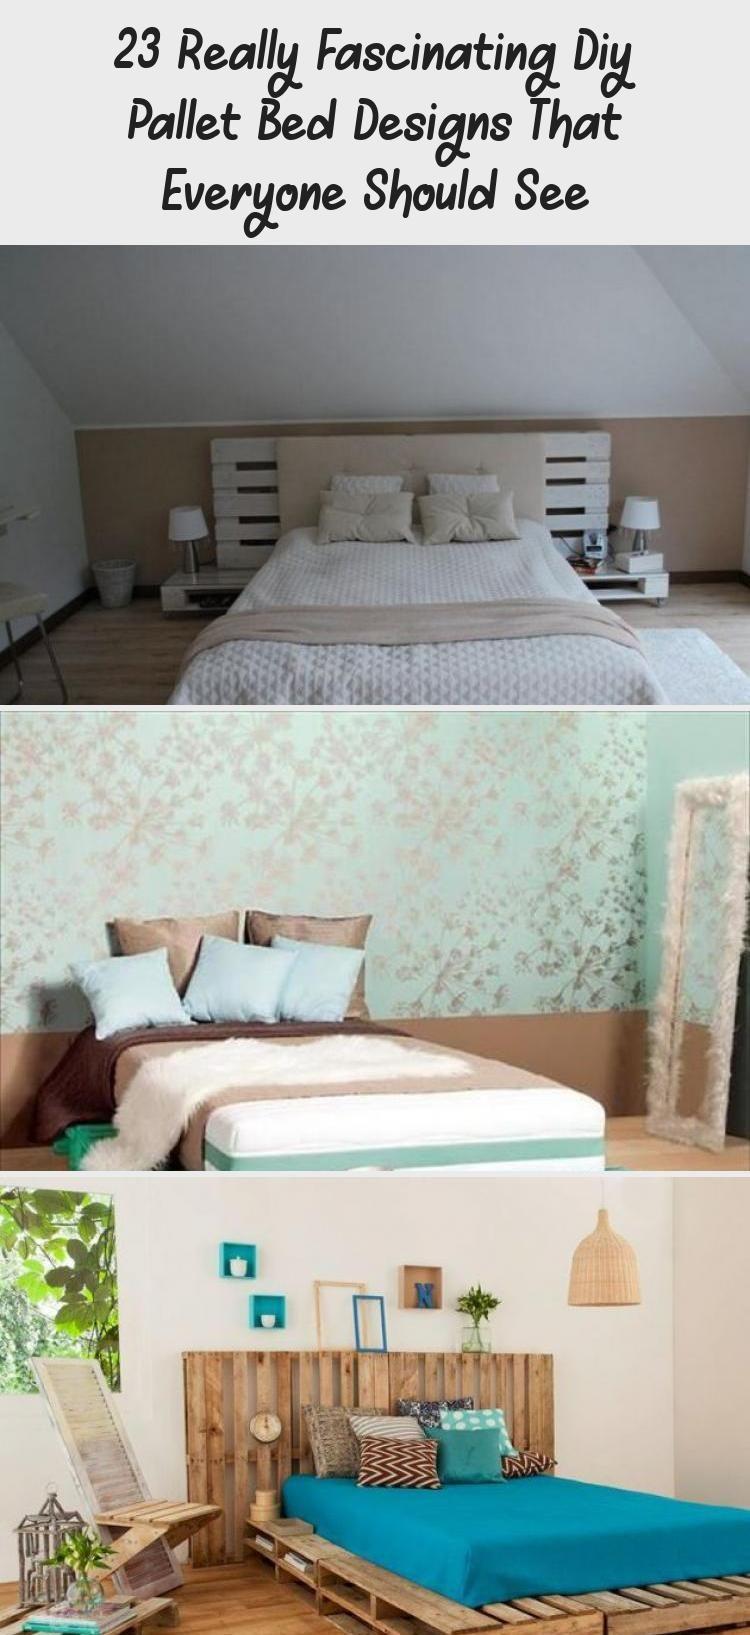 Full Size of Palettenbett Ikea 23 Wirklich Faszinierende Diy Designs Küche Kaufen Sofa Mit Schlaffunktion Betten Bei 160x200 Miniküche Modulküche Kosten Wohnzimmer Palettenbett Ikea